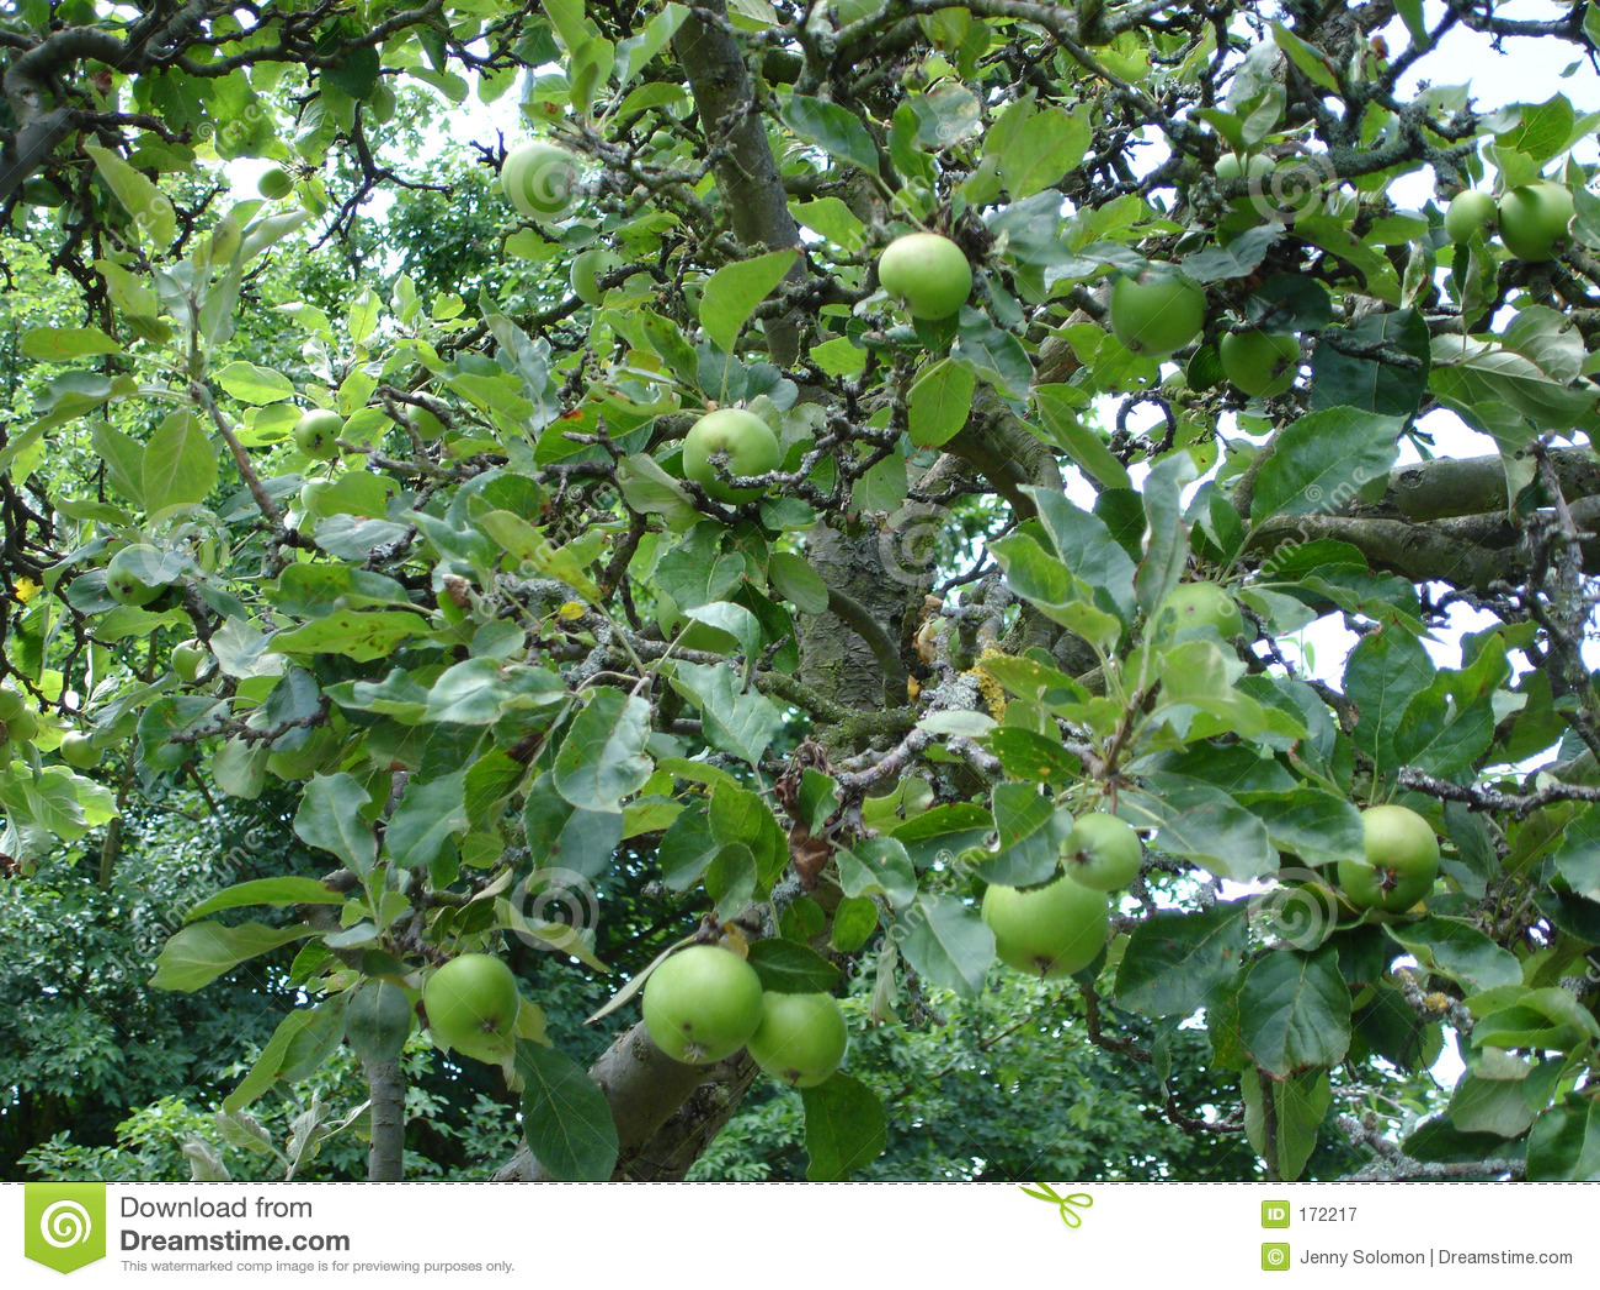 苹果树成长过程图片_苹果树 免版税图库摄影 - 图片: 172217